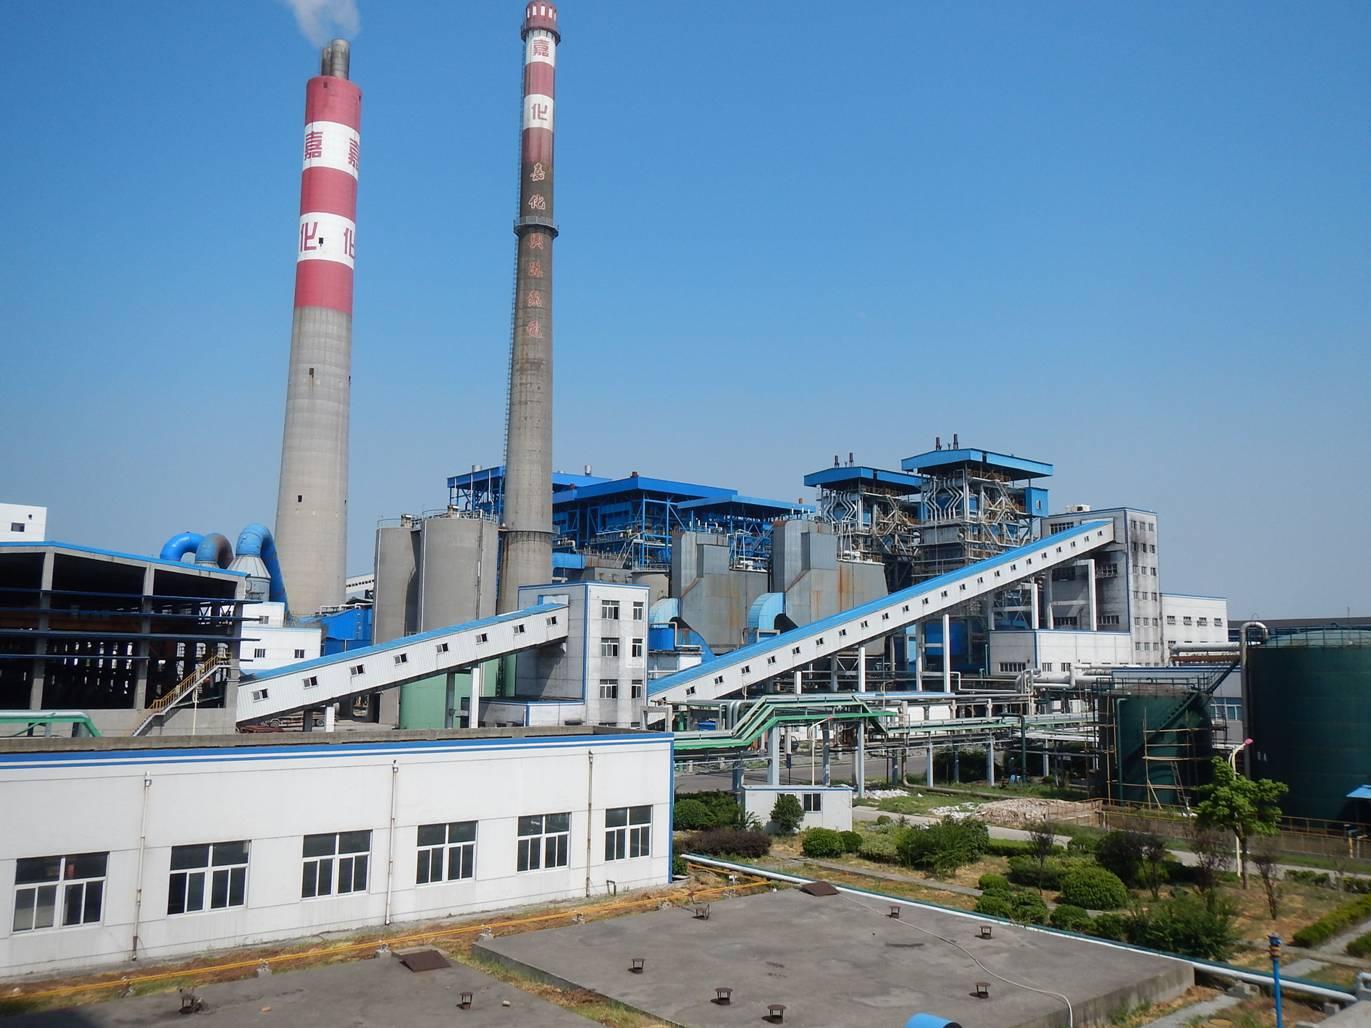 浙江嘉化兴港热电厂一、二、三期热电工程